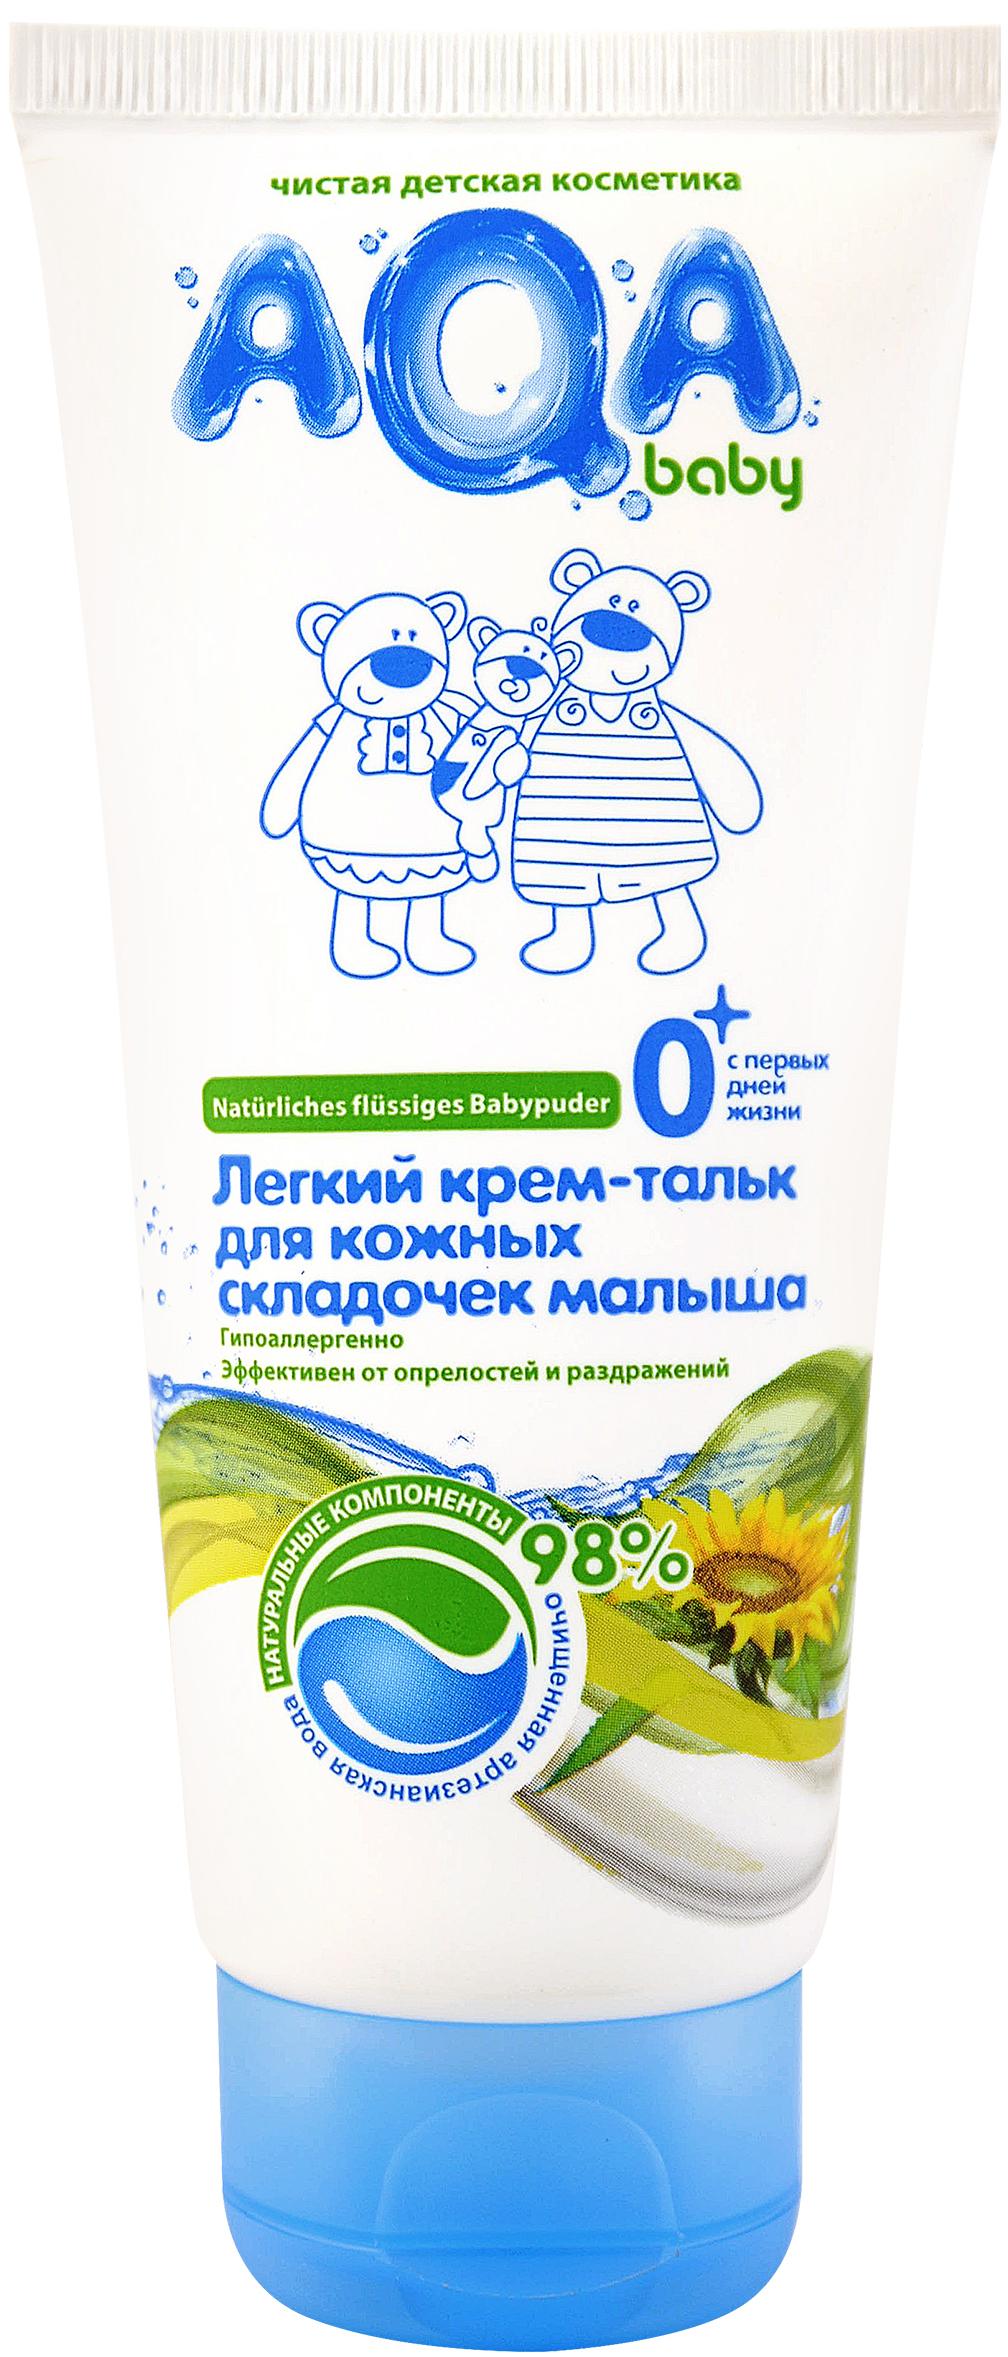 Купить Кремы, Крем под подгузник, AQA baby, Россия